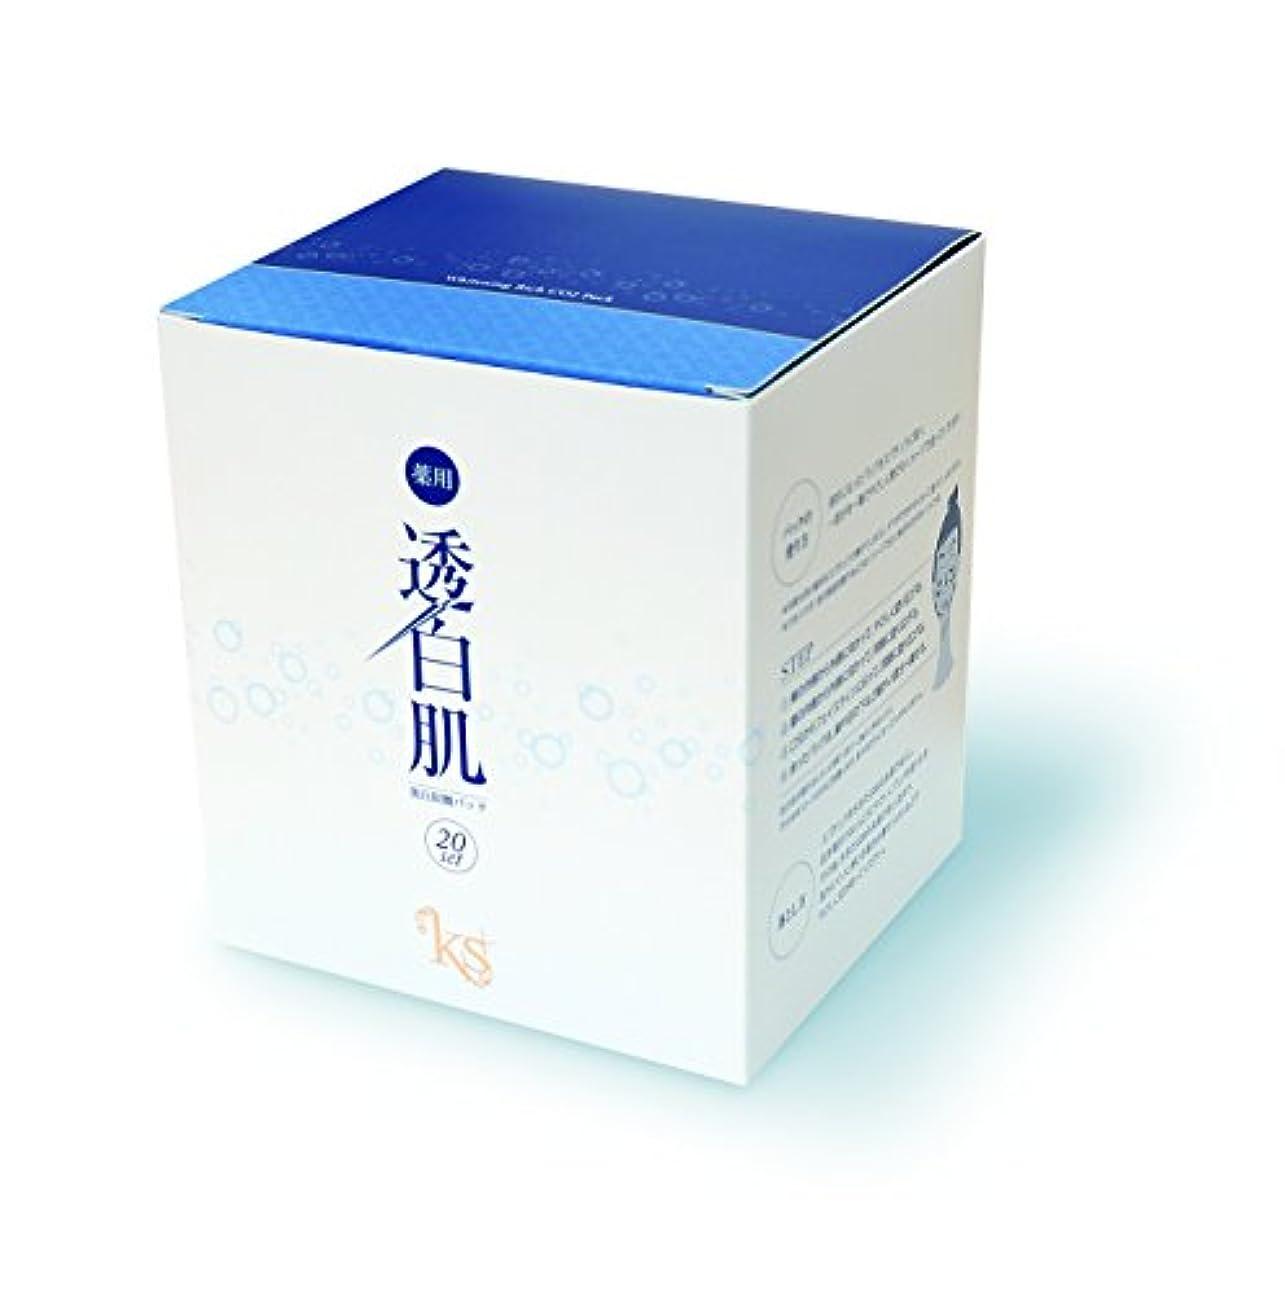 [薬用]透白肌 薬用美白炭酸パック〈2層式パック〉 20セット入 美白ケア